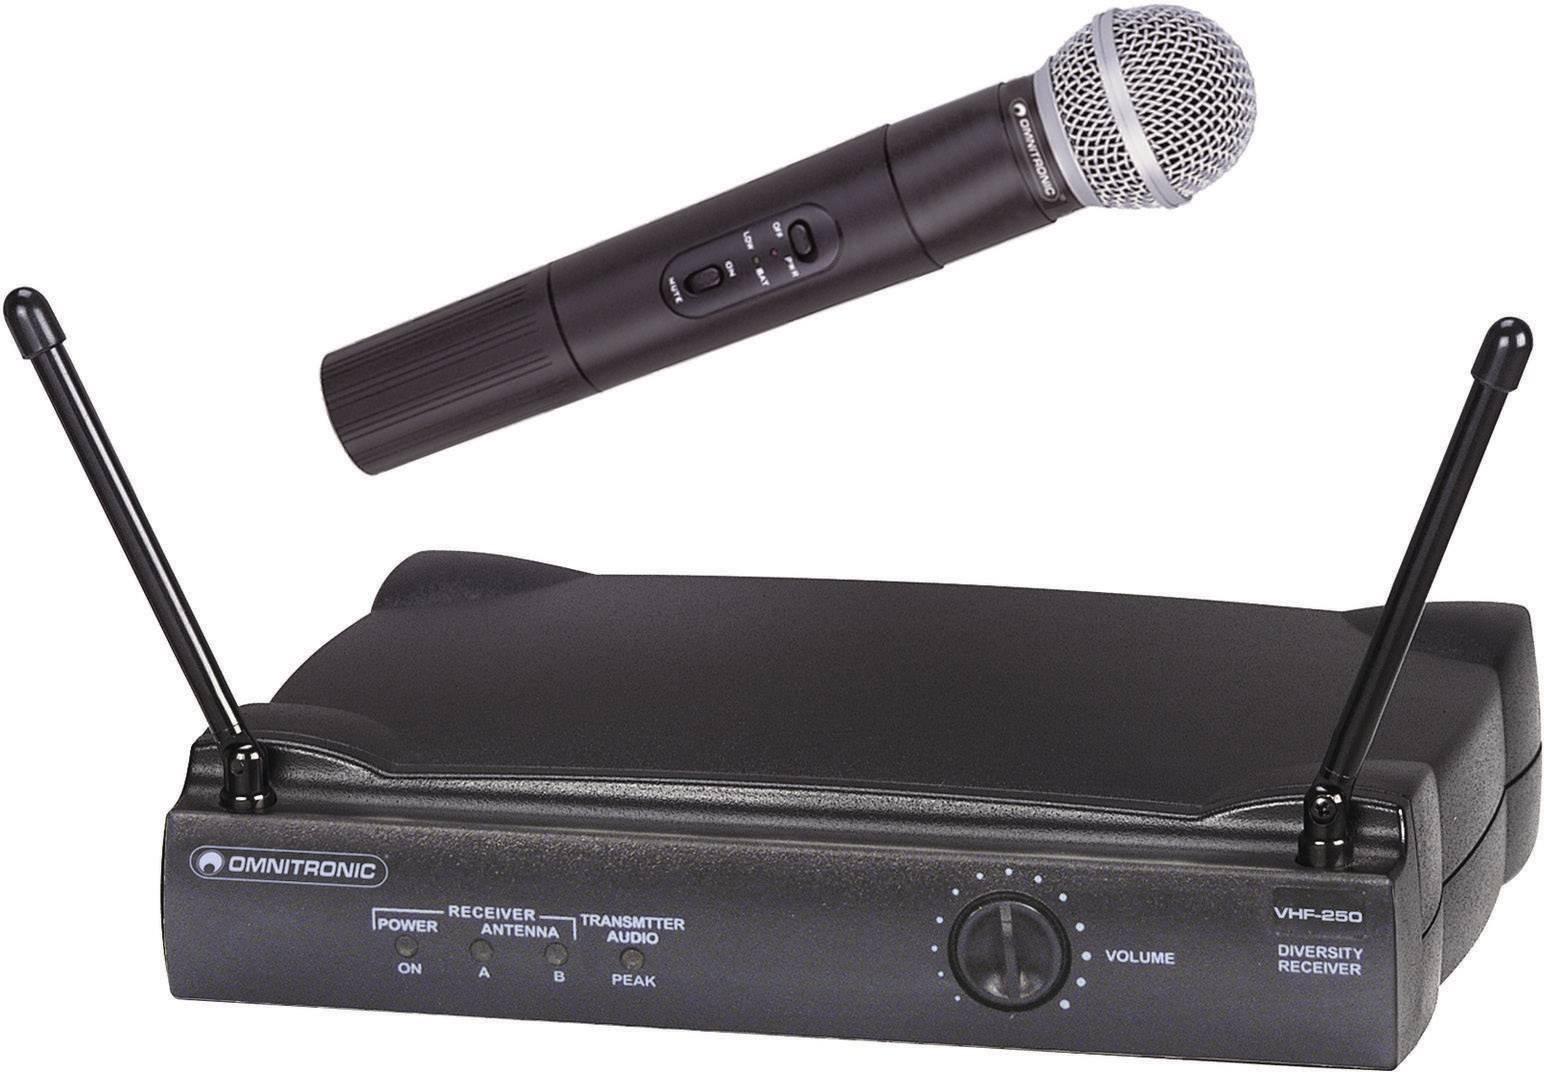 Sada bezdrôtového mikrofónu Omnitronic VHF-250